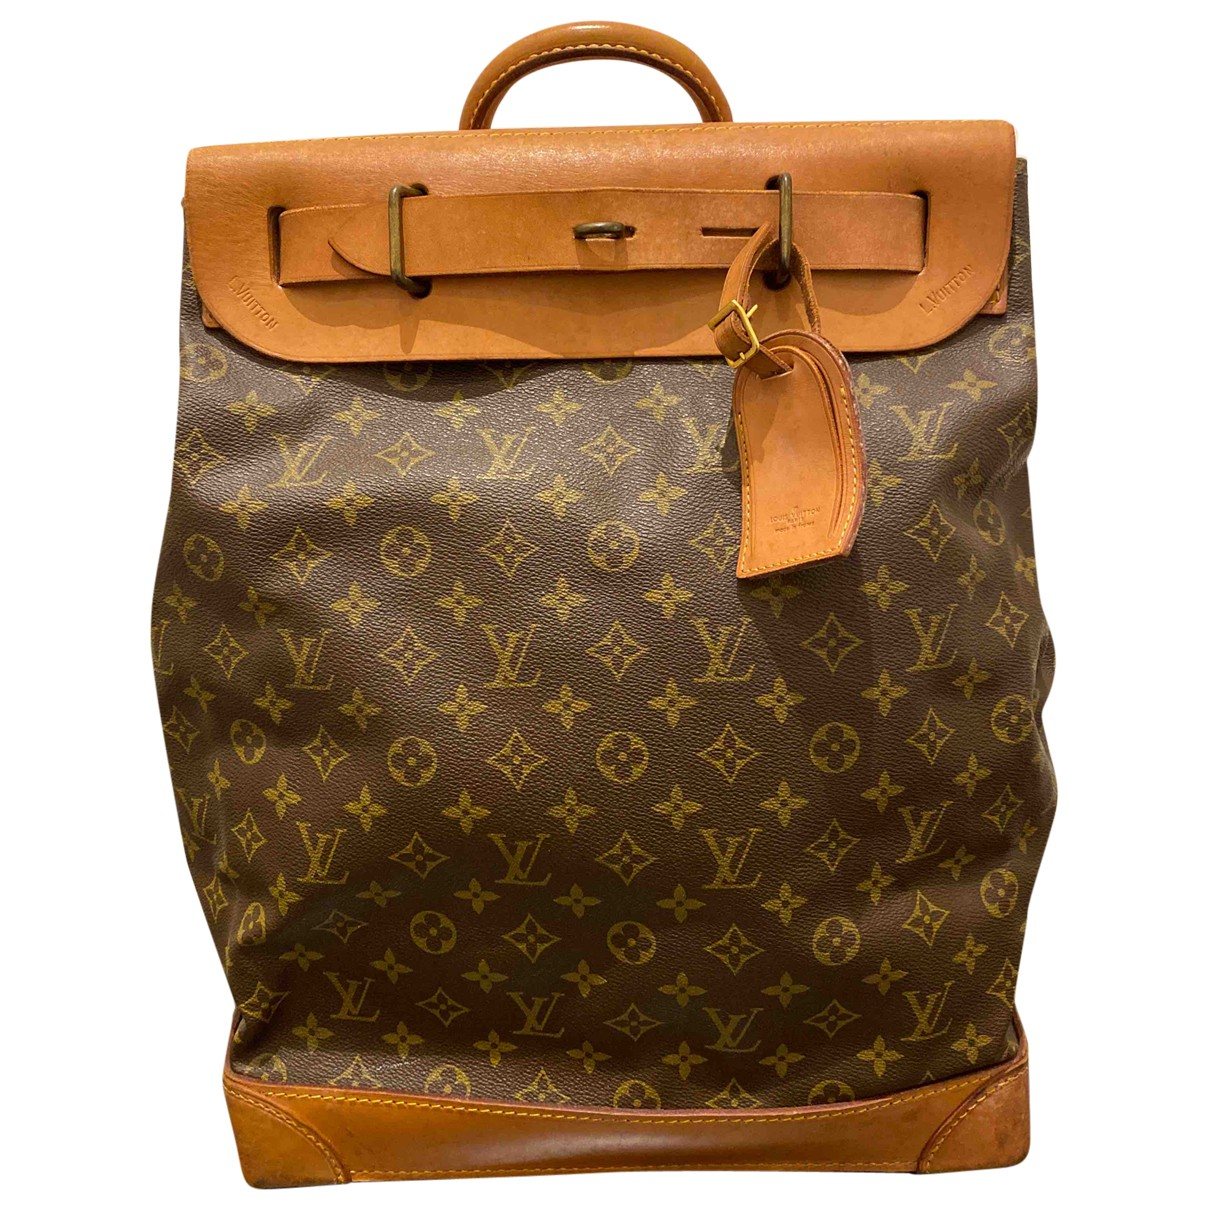 Louis Vuitton - Sac de voyage Steamer pour femme en toile - marron